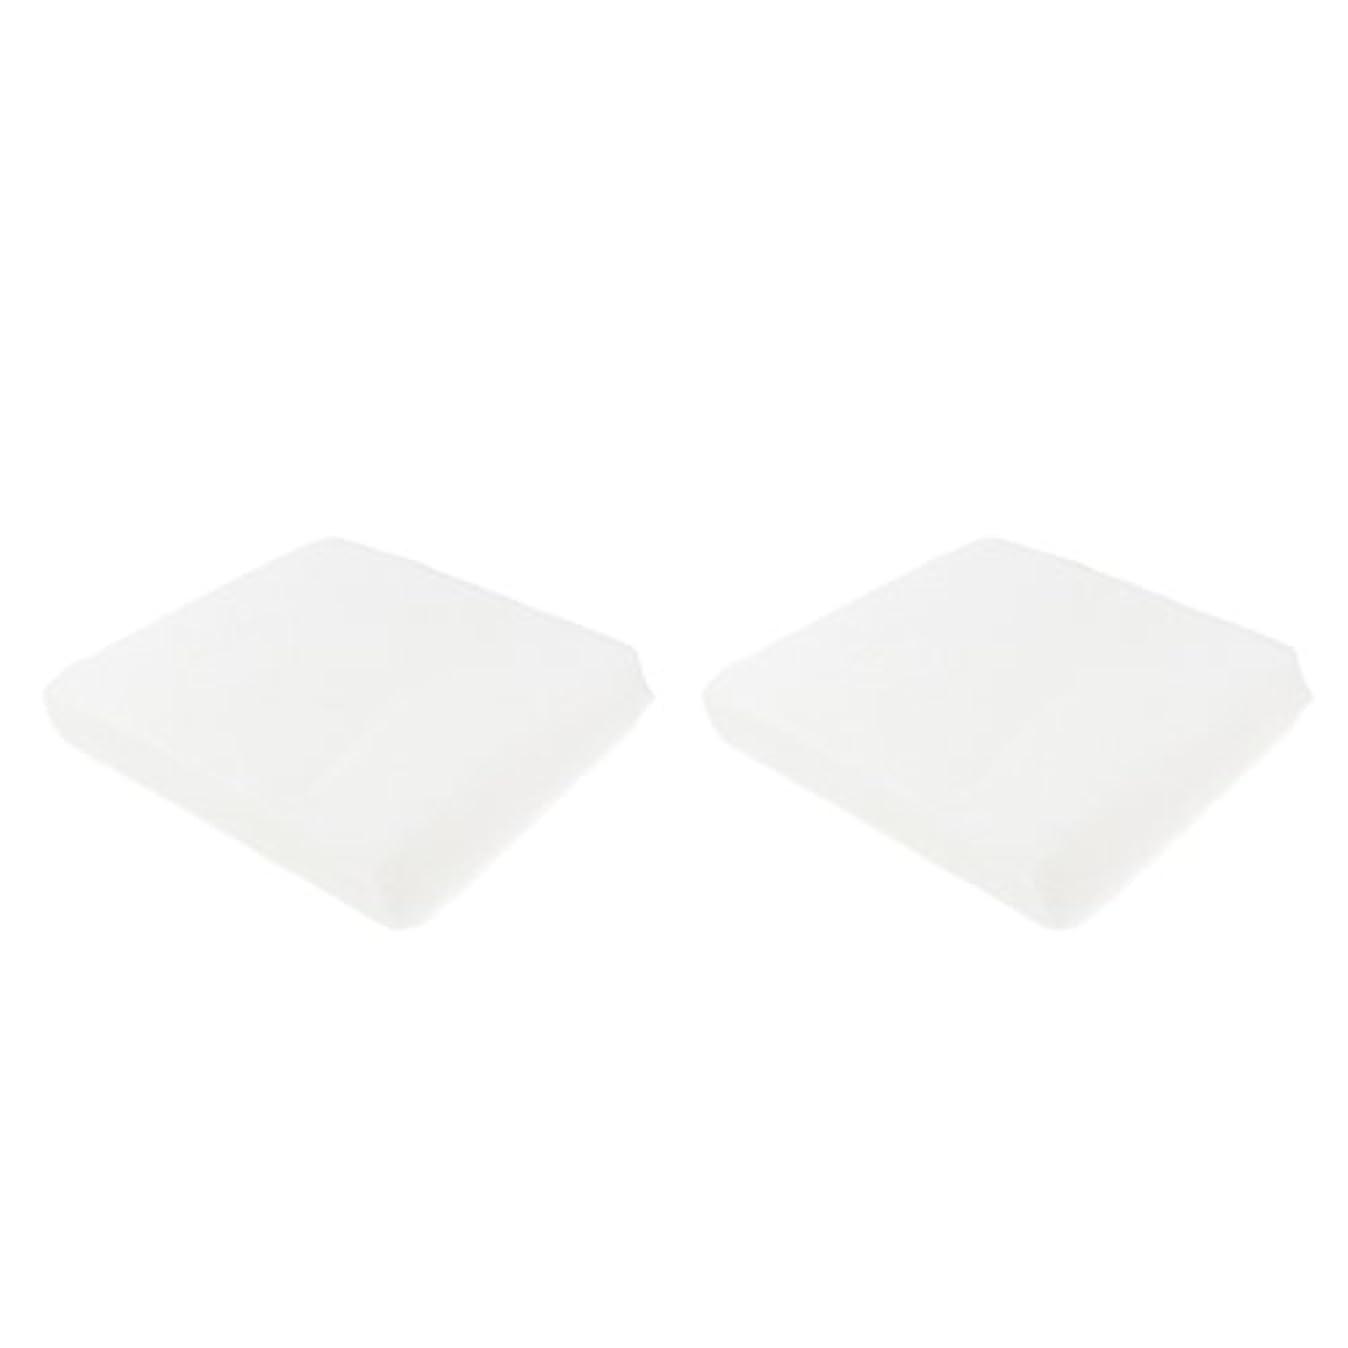 疎外する生む破裂クレンジングシート メイク落とし 使い捨て 洗顔シート 不織布 顔クレンジング 2サイズ - 1#